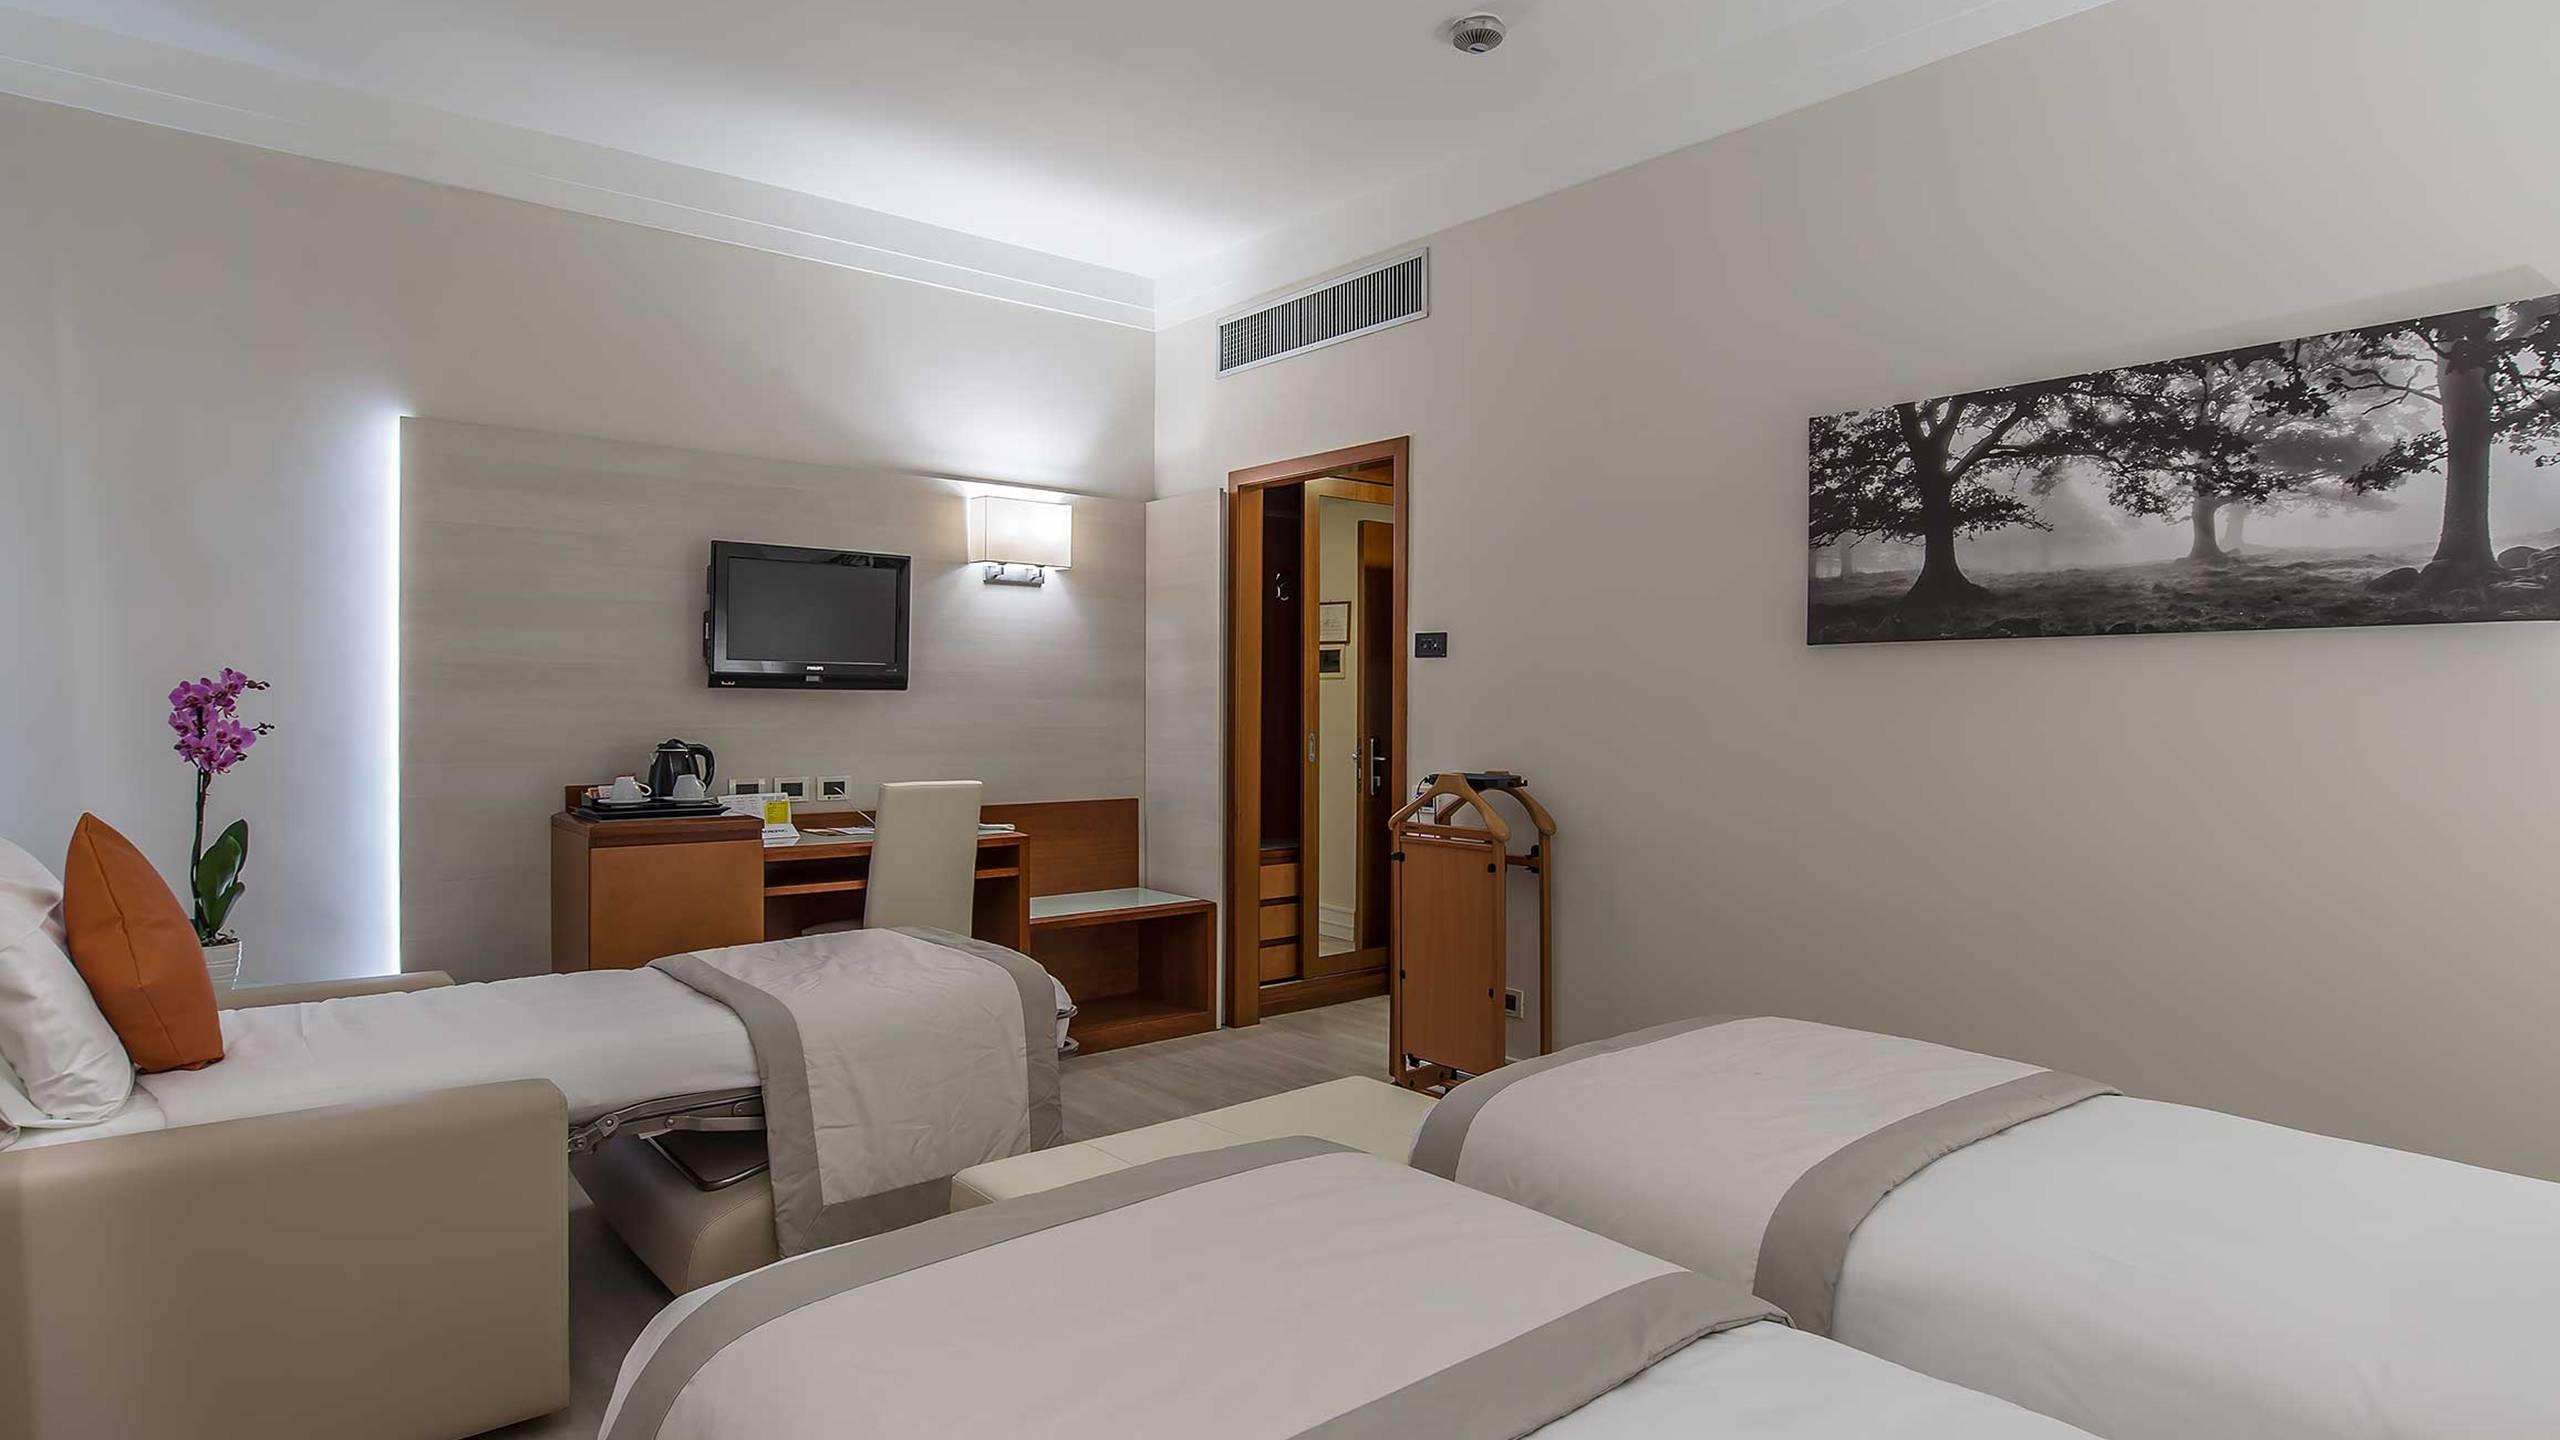 Hotel-La-Giocca-Roma-superior-triple-room-3